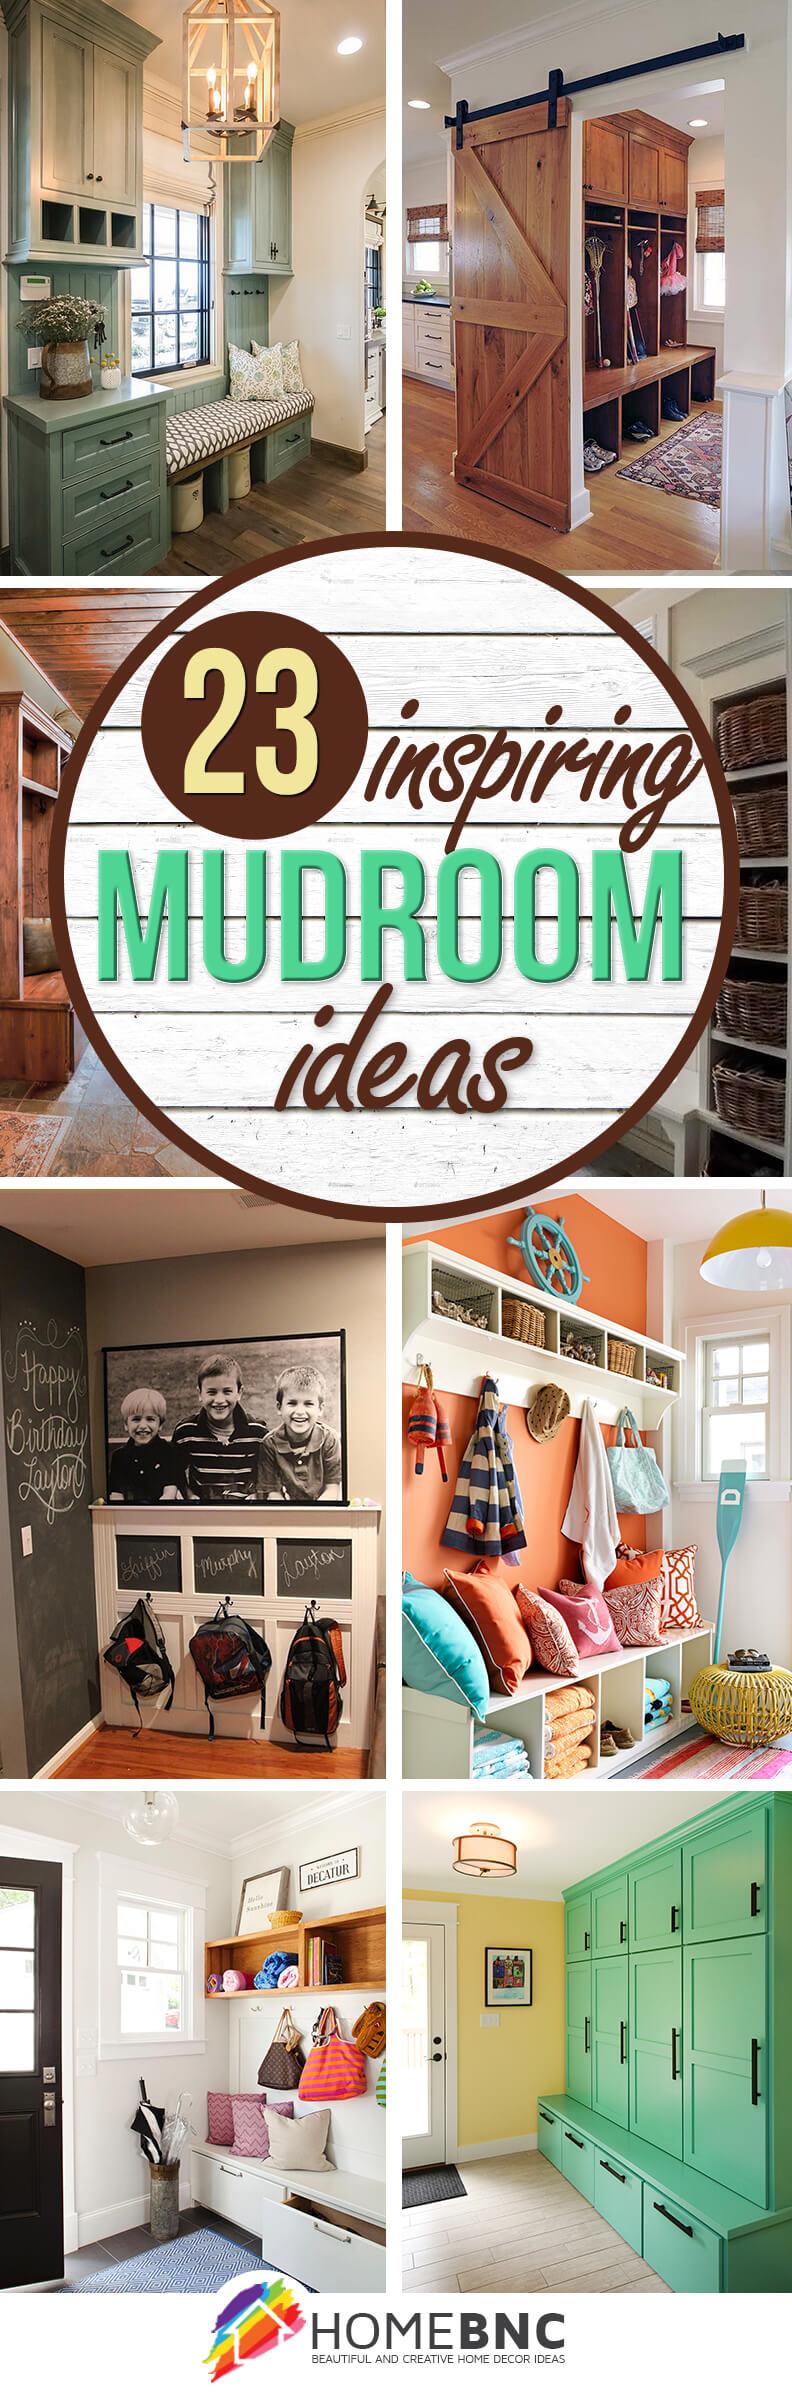 Mudroom Designs